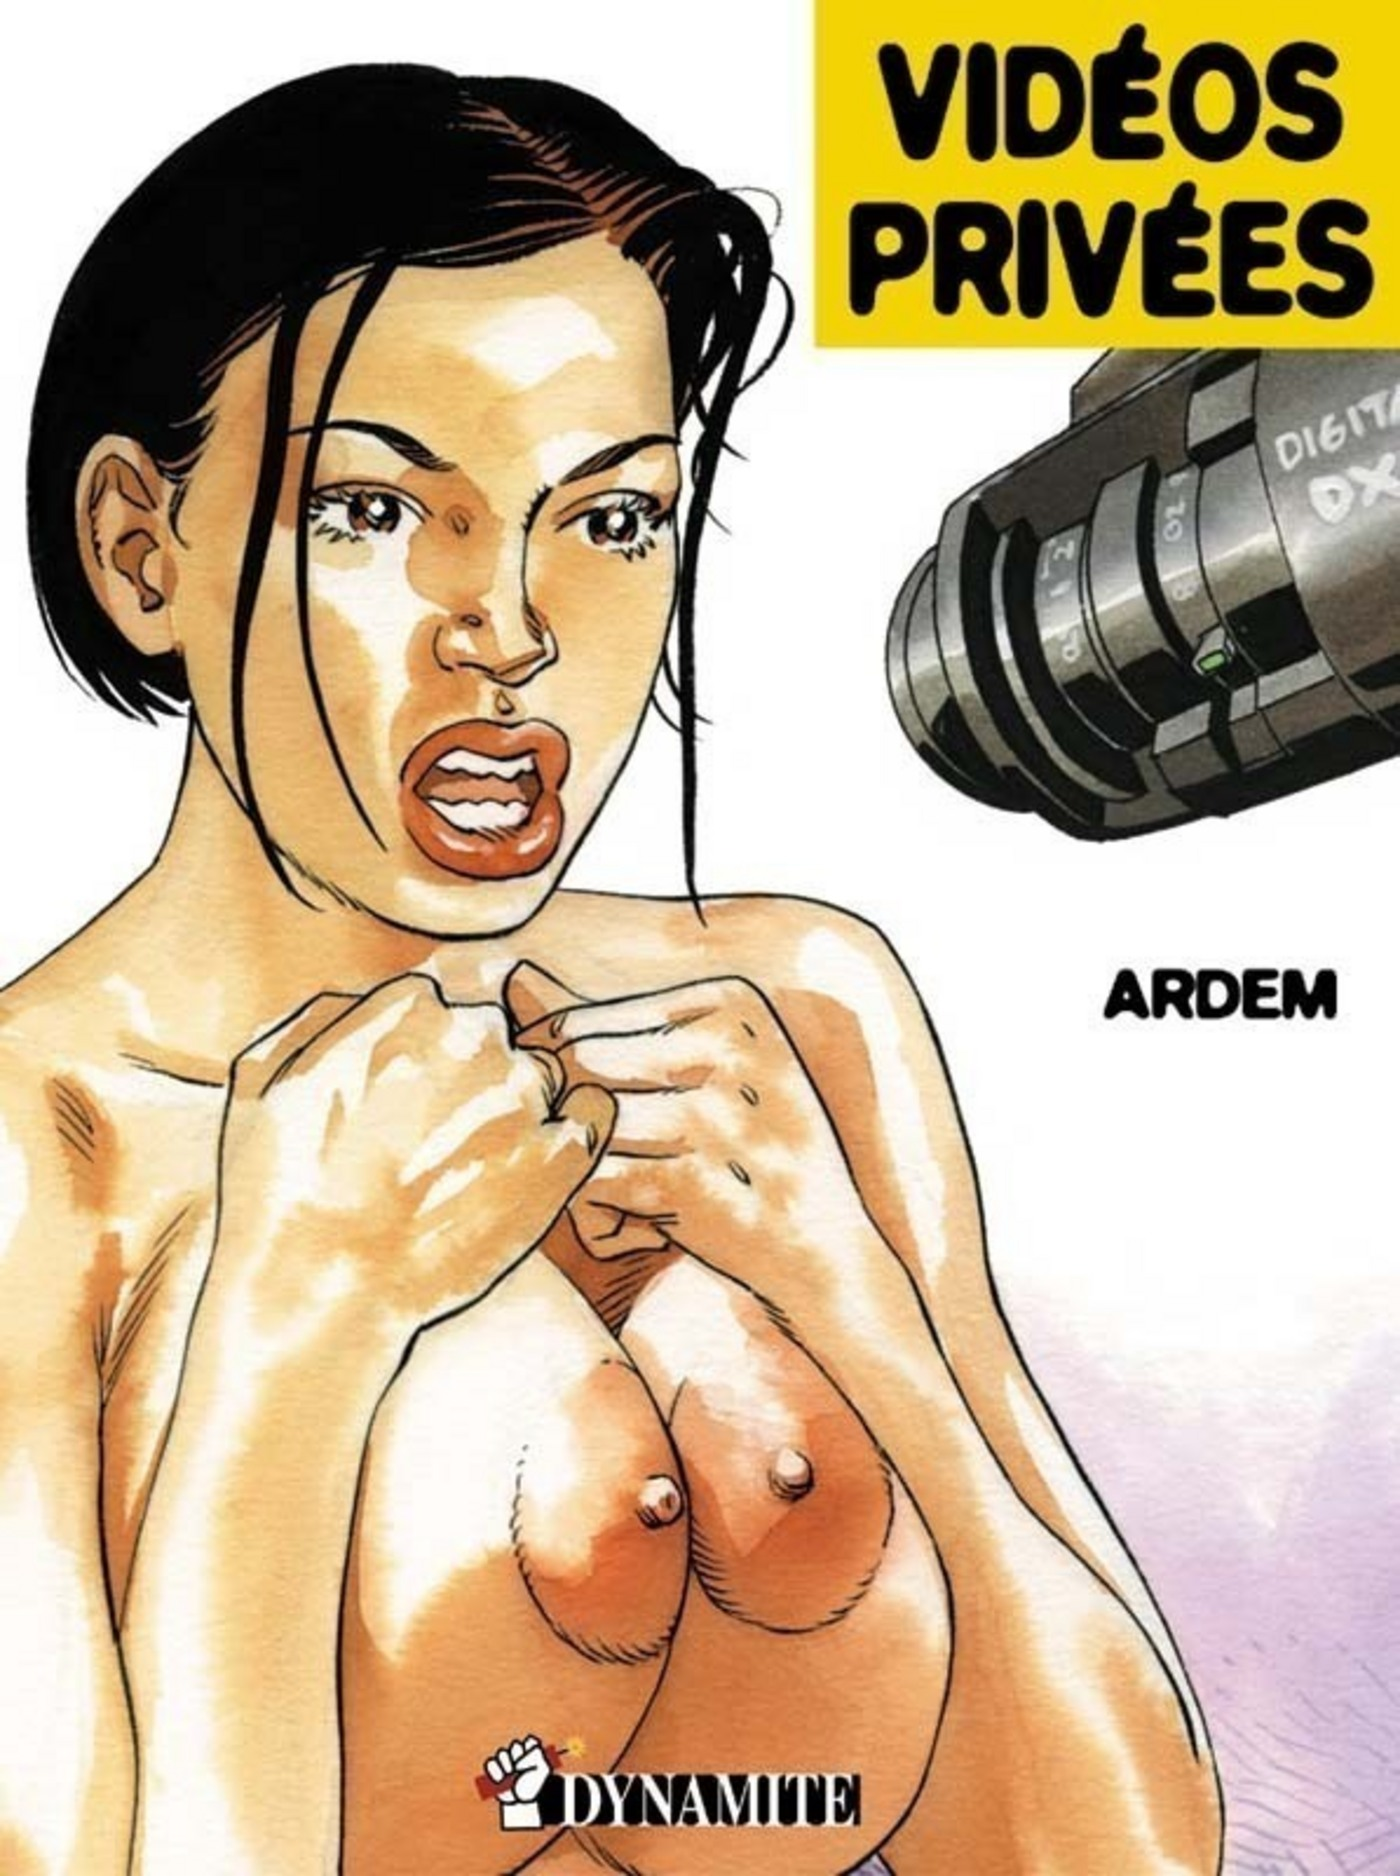 Vidéos privées